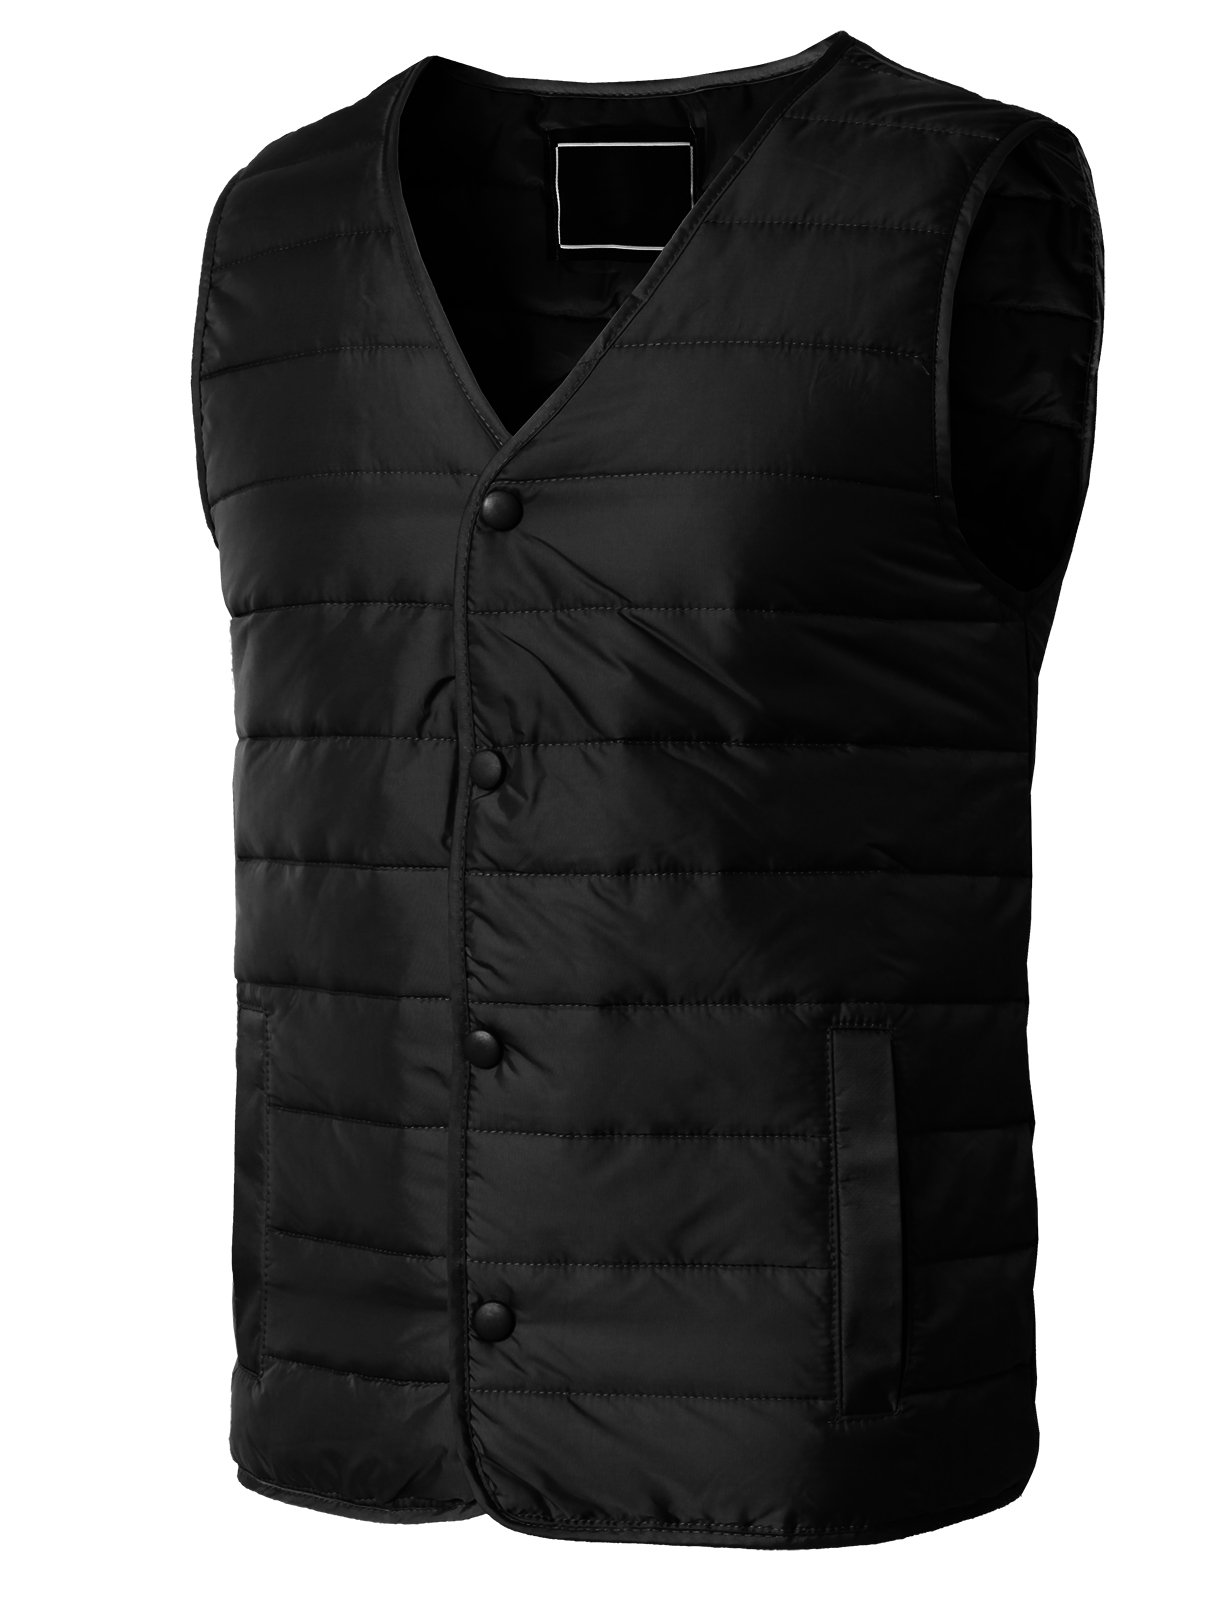 H2H Mens Active Casual V-Neck Lightweight Padded Vest Black US L/Asia 2XL (KMOV0163)